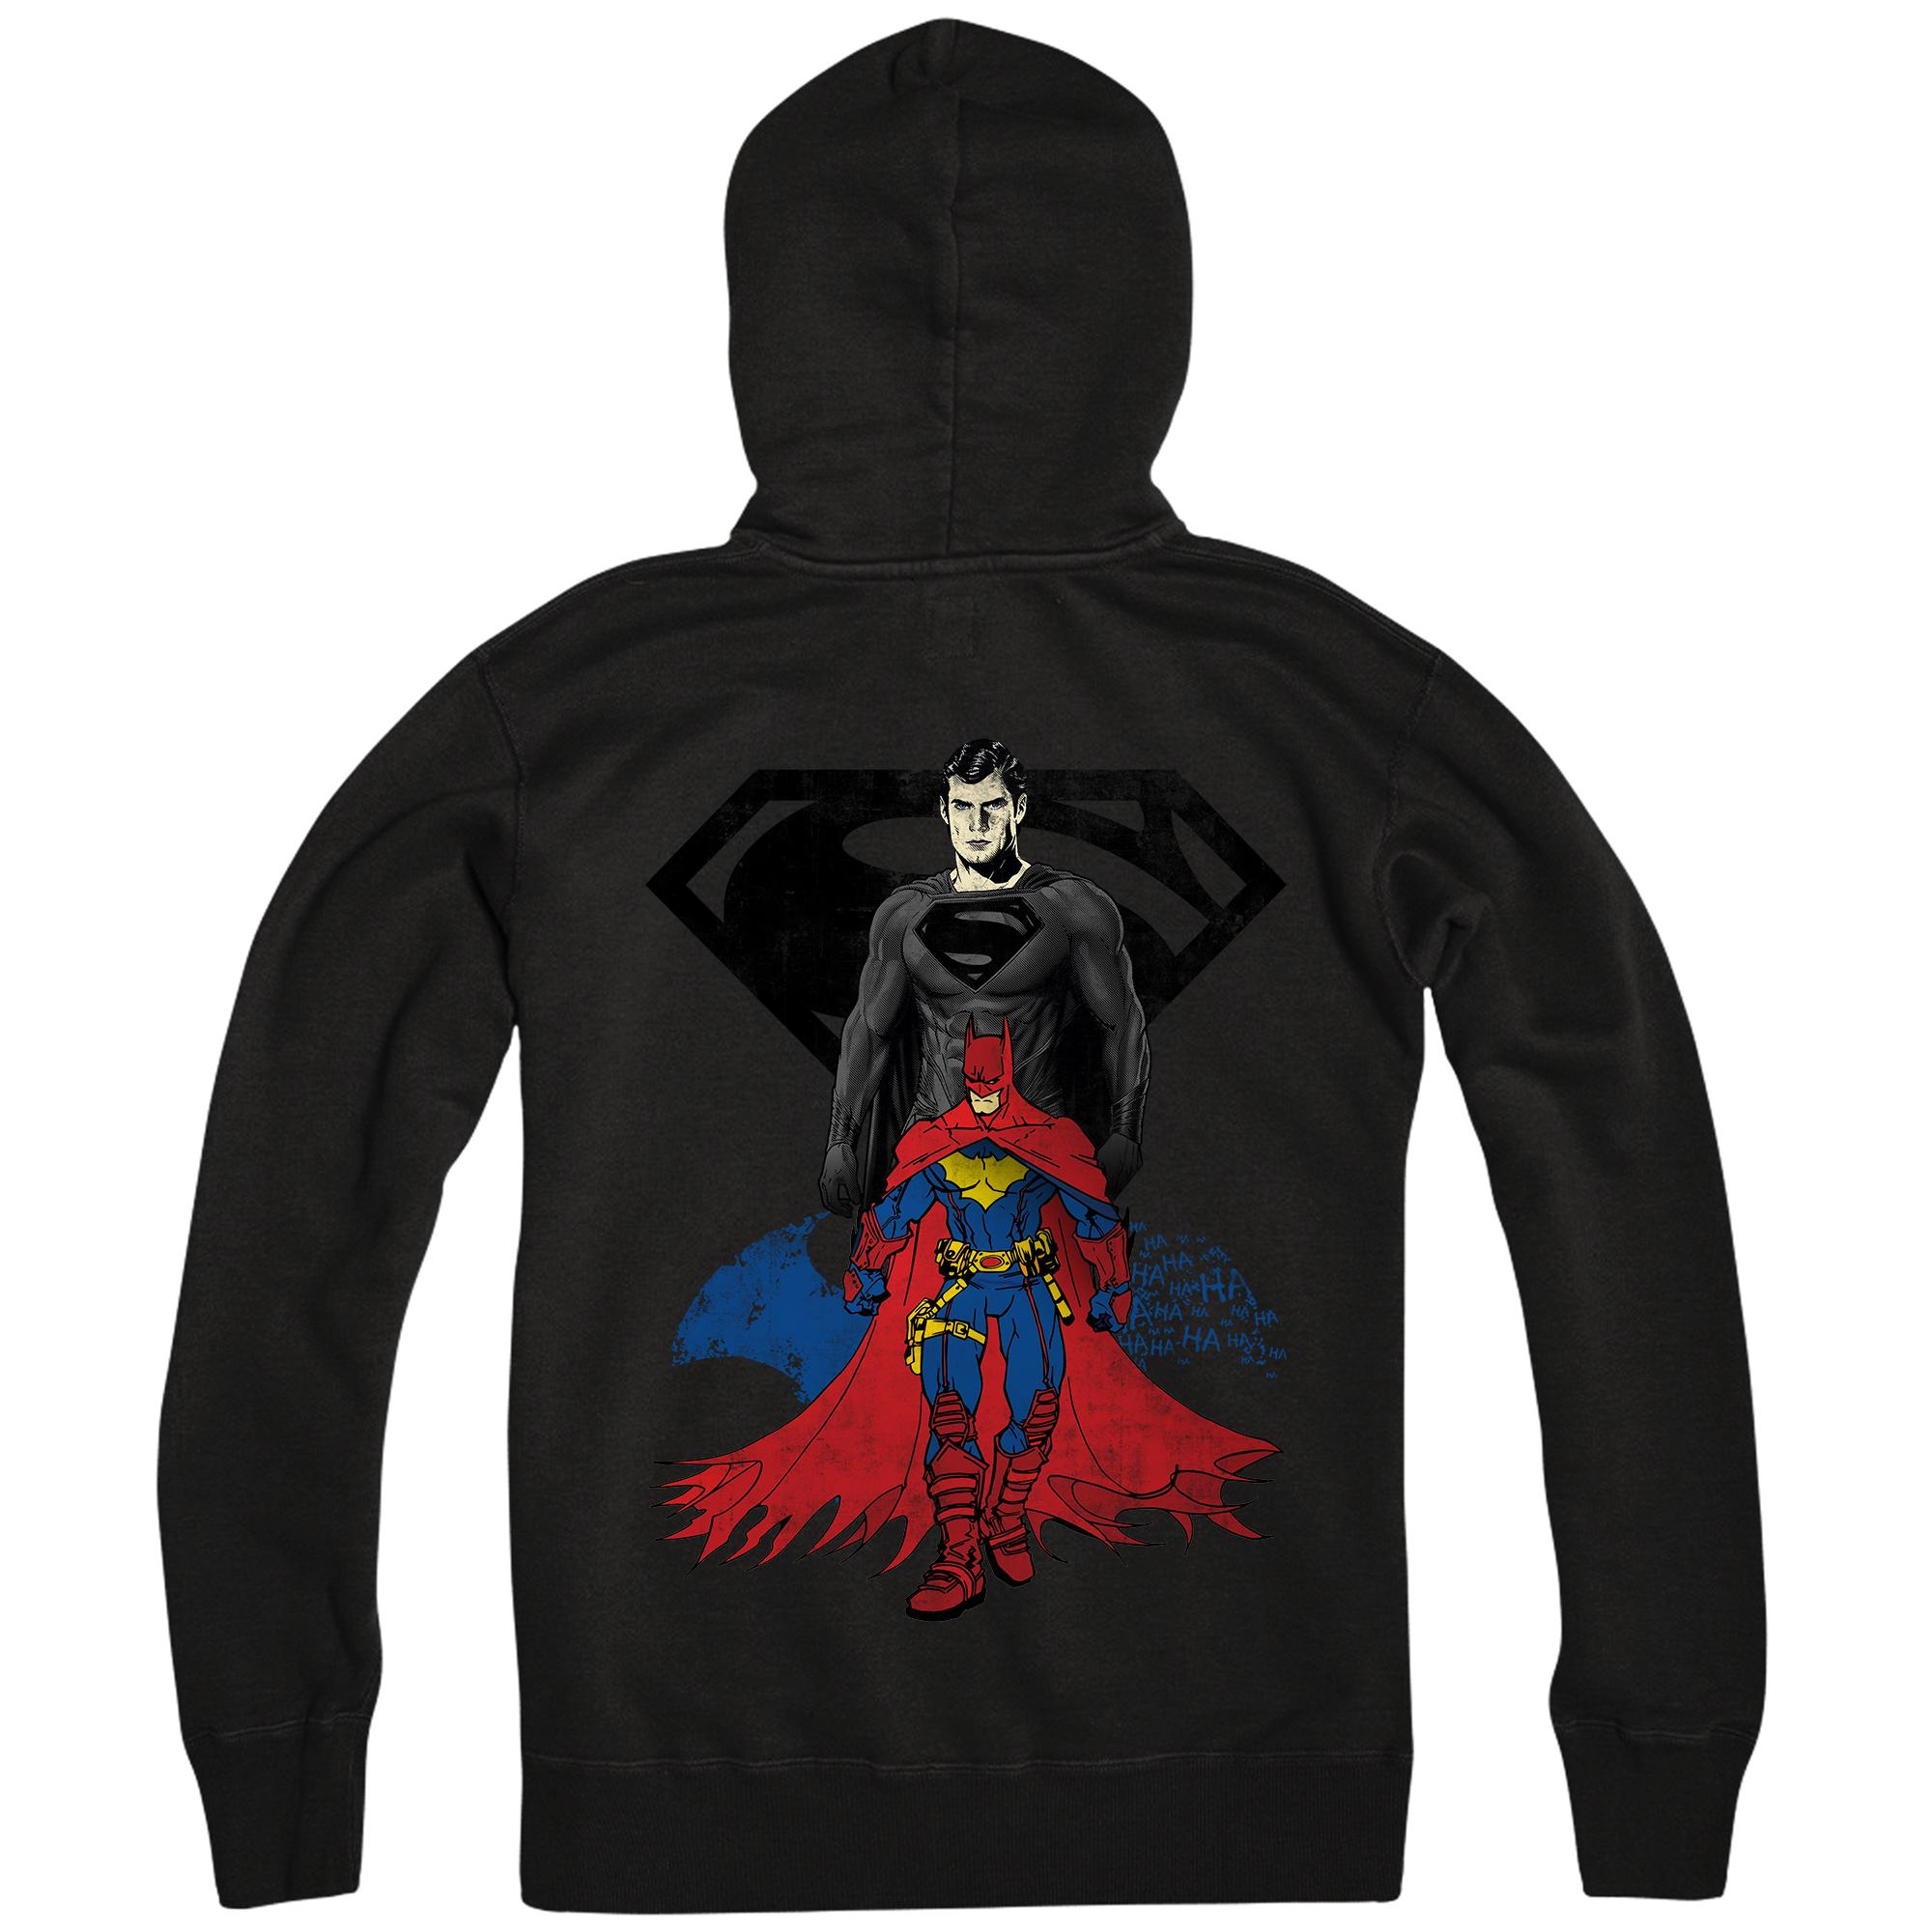 Marvel hoodies